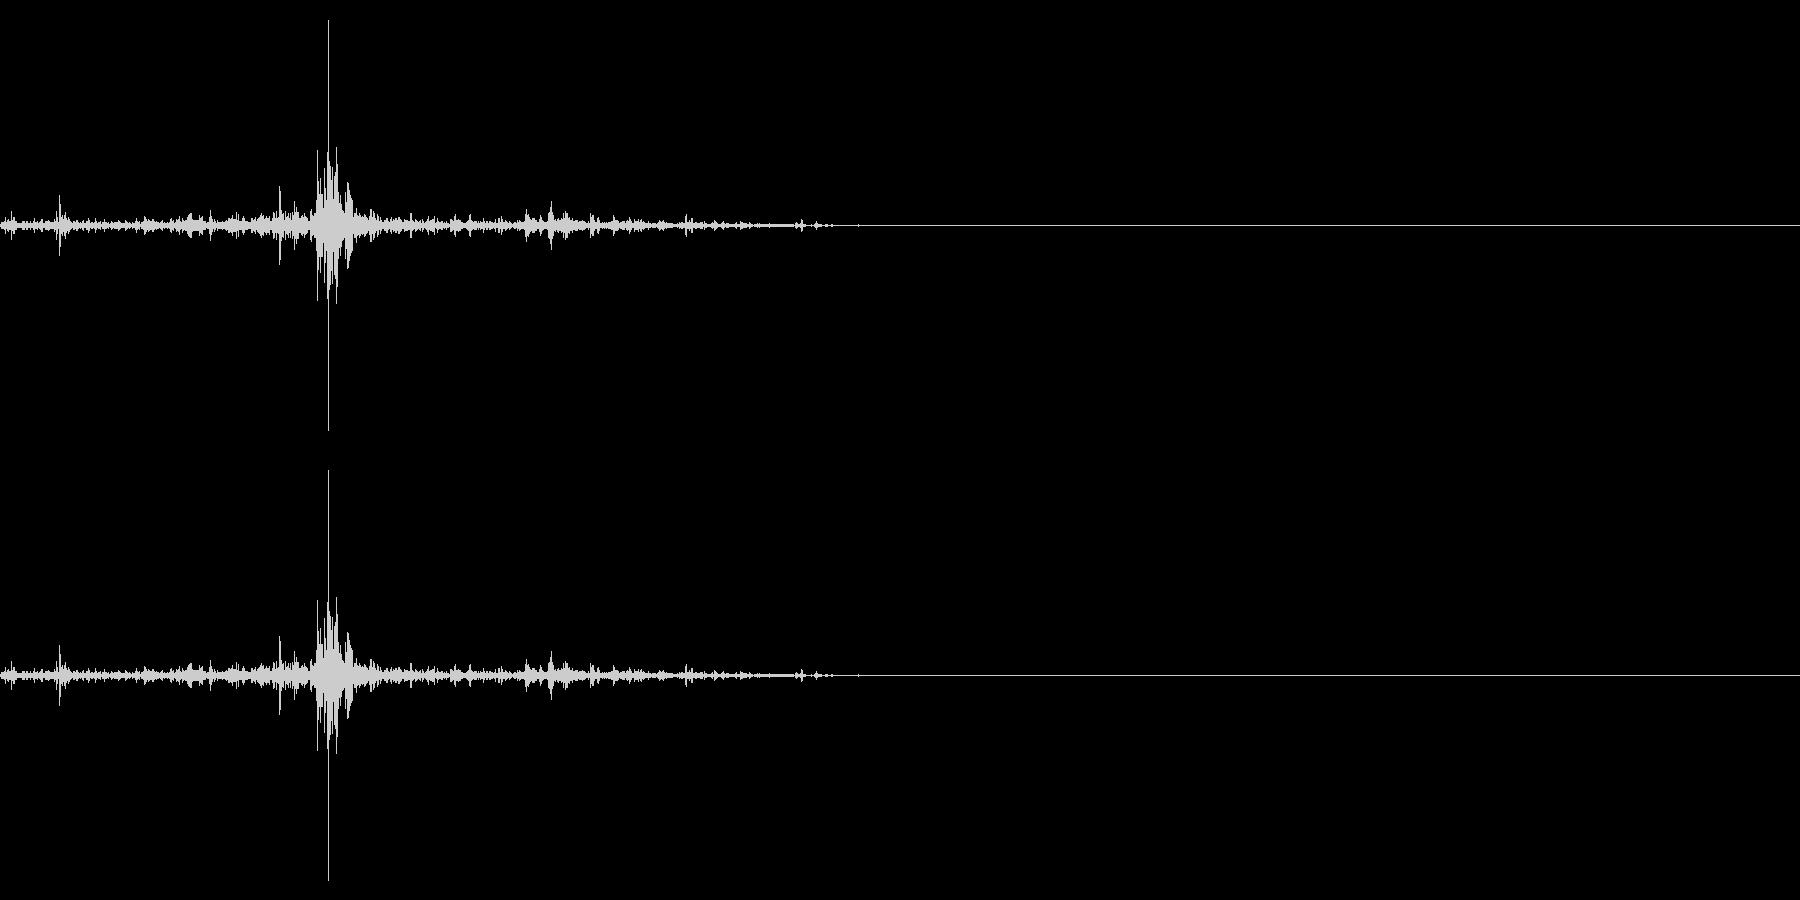 水たまりを歩くような足音_単発の未再生の波形